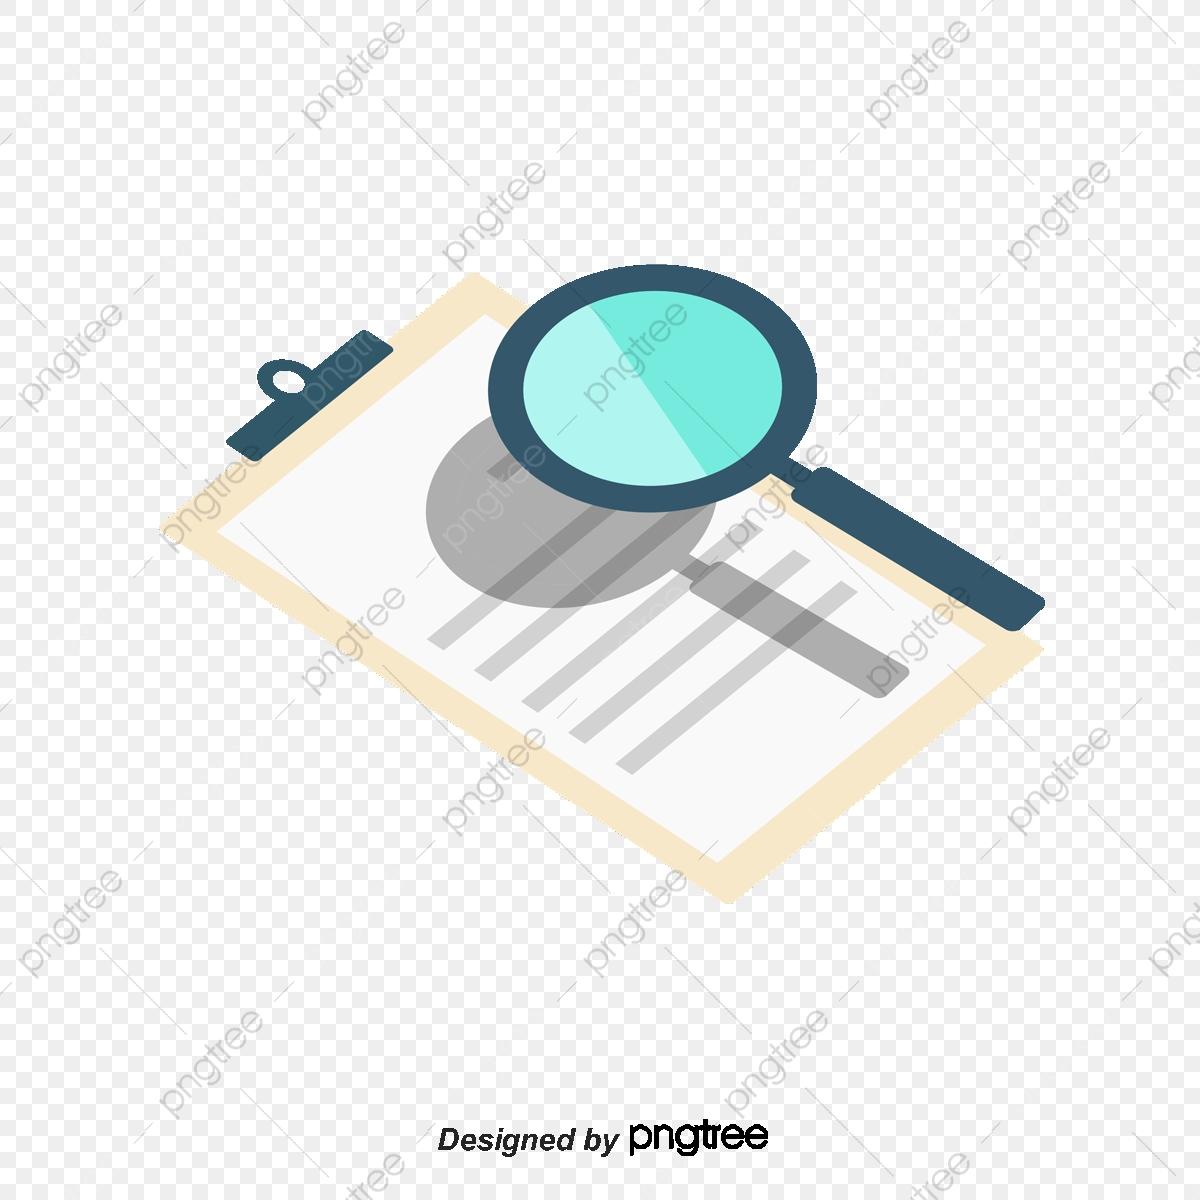 La Investigación De Mercado, Vector Png, Lupa, Prospecto PNG y.